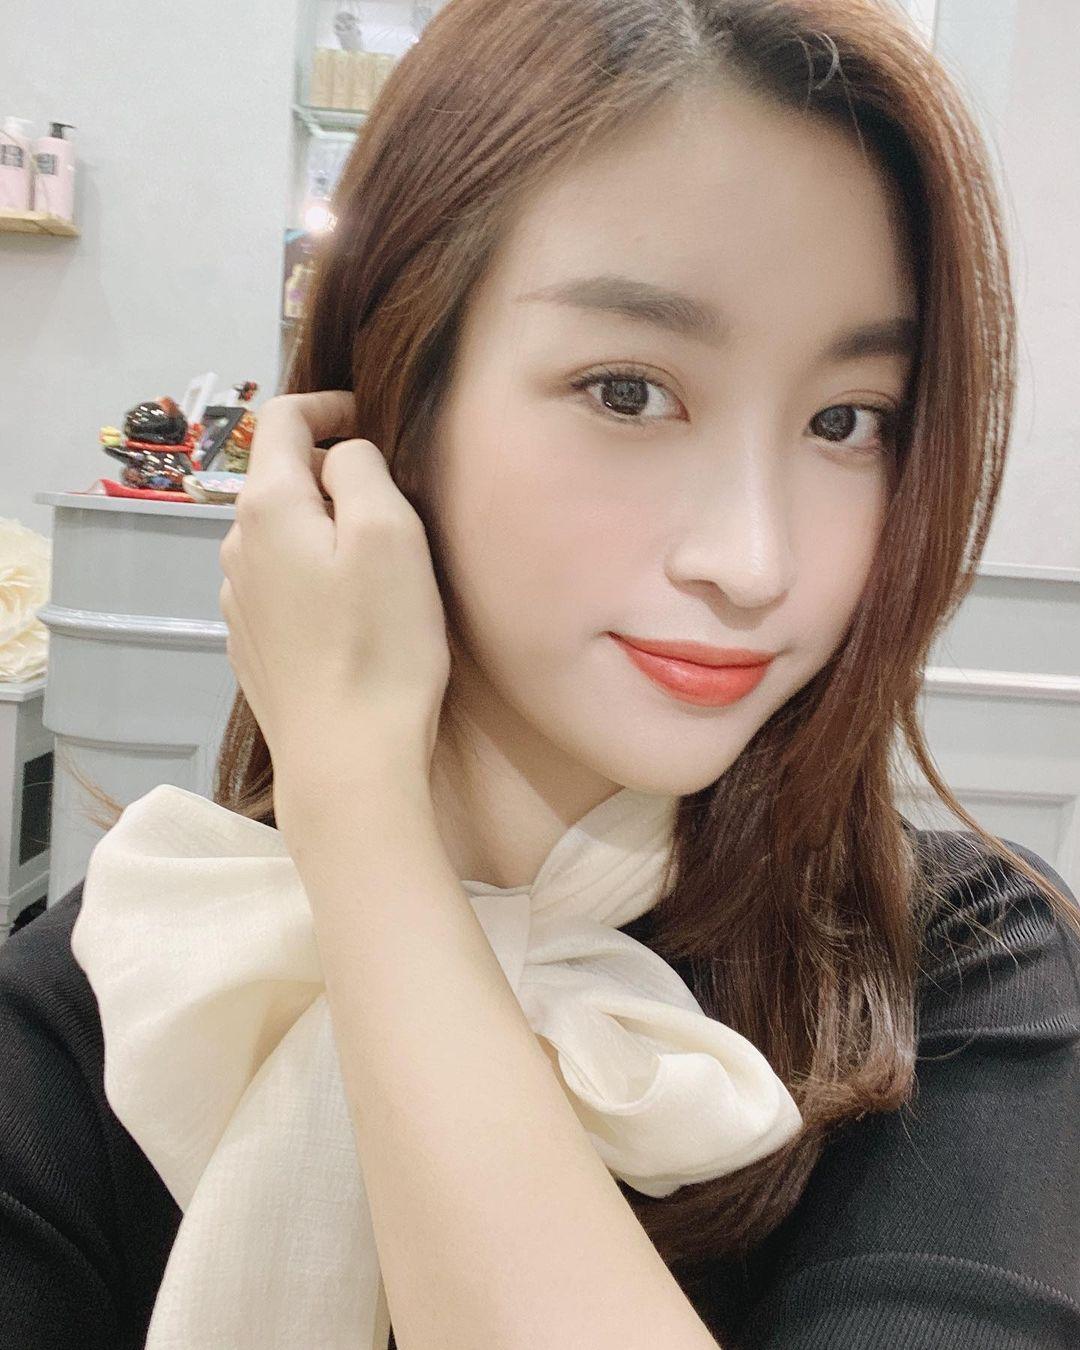 """Hoa hậu Đỗ Mỹ Linh cũng fail khi mua hàng online: Order váy nhưng nhầm hàng, đành thanh lý giá """"iu thương"""" - Ảnh 1."""